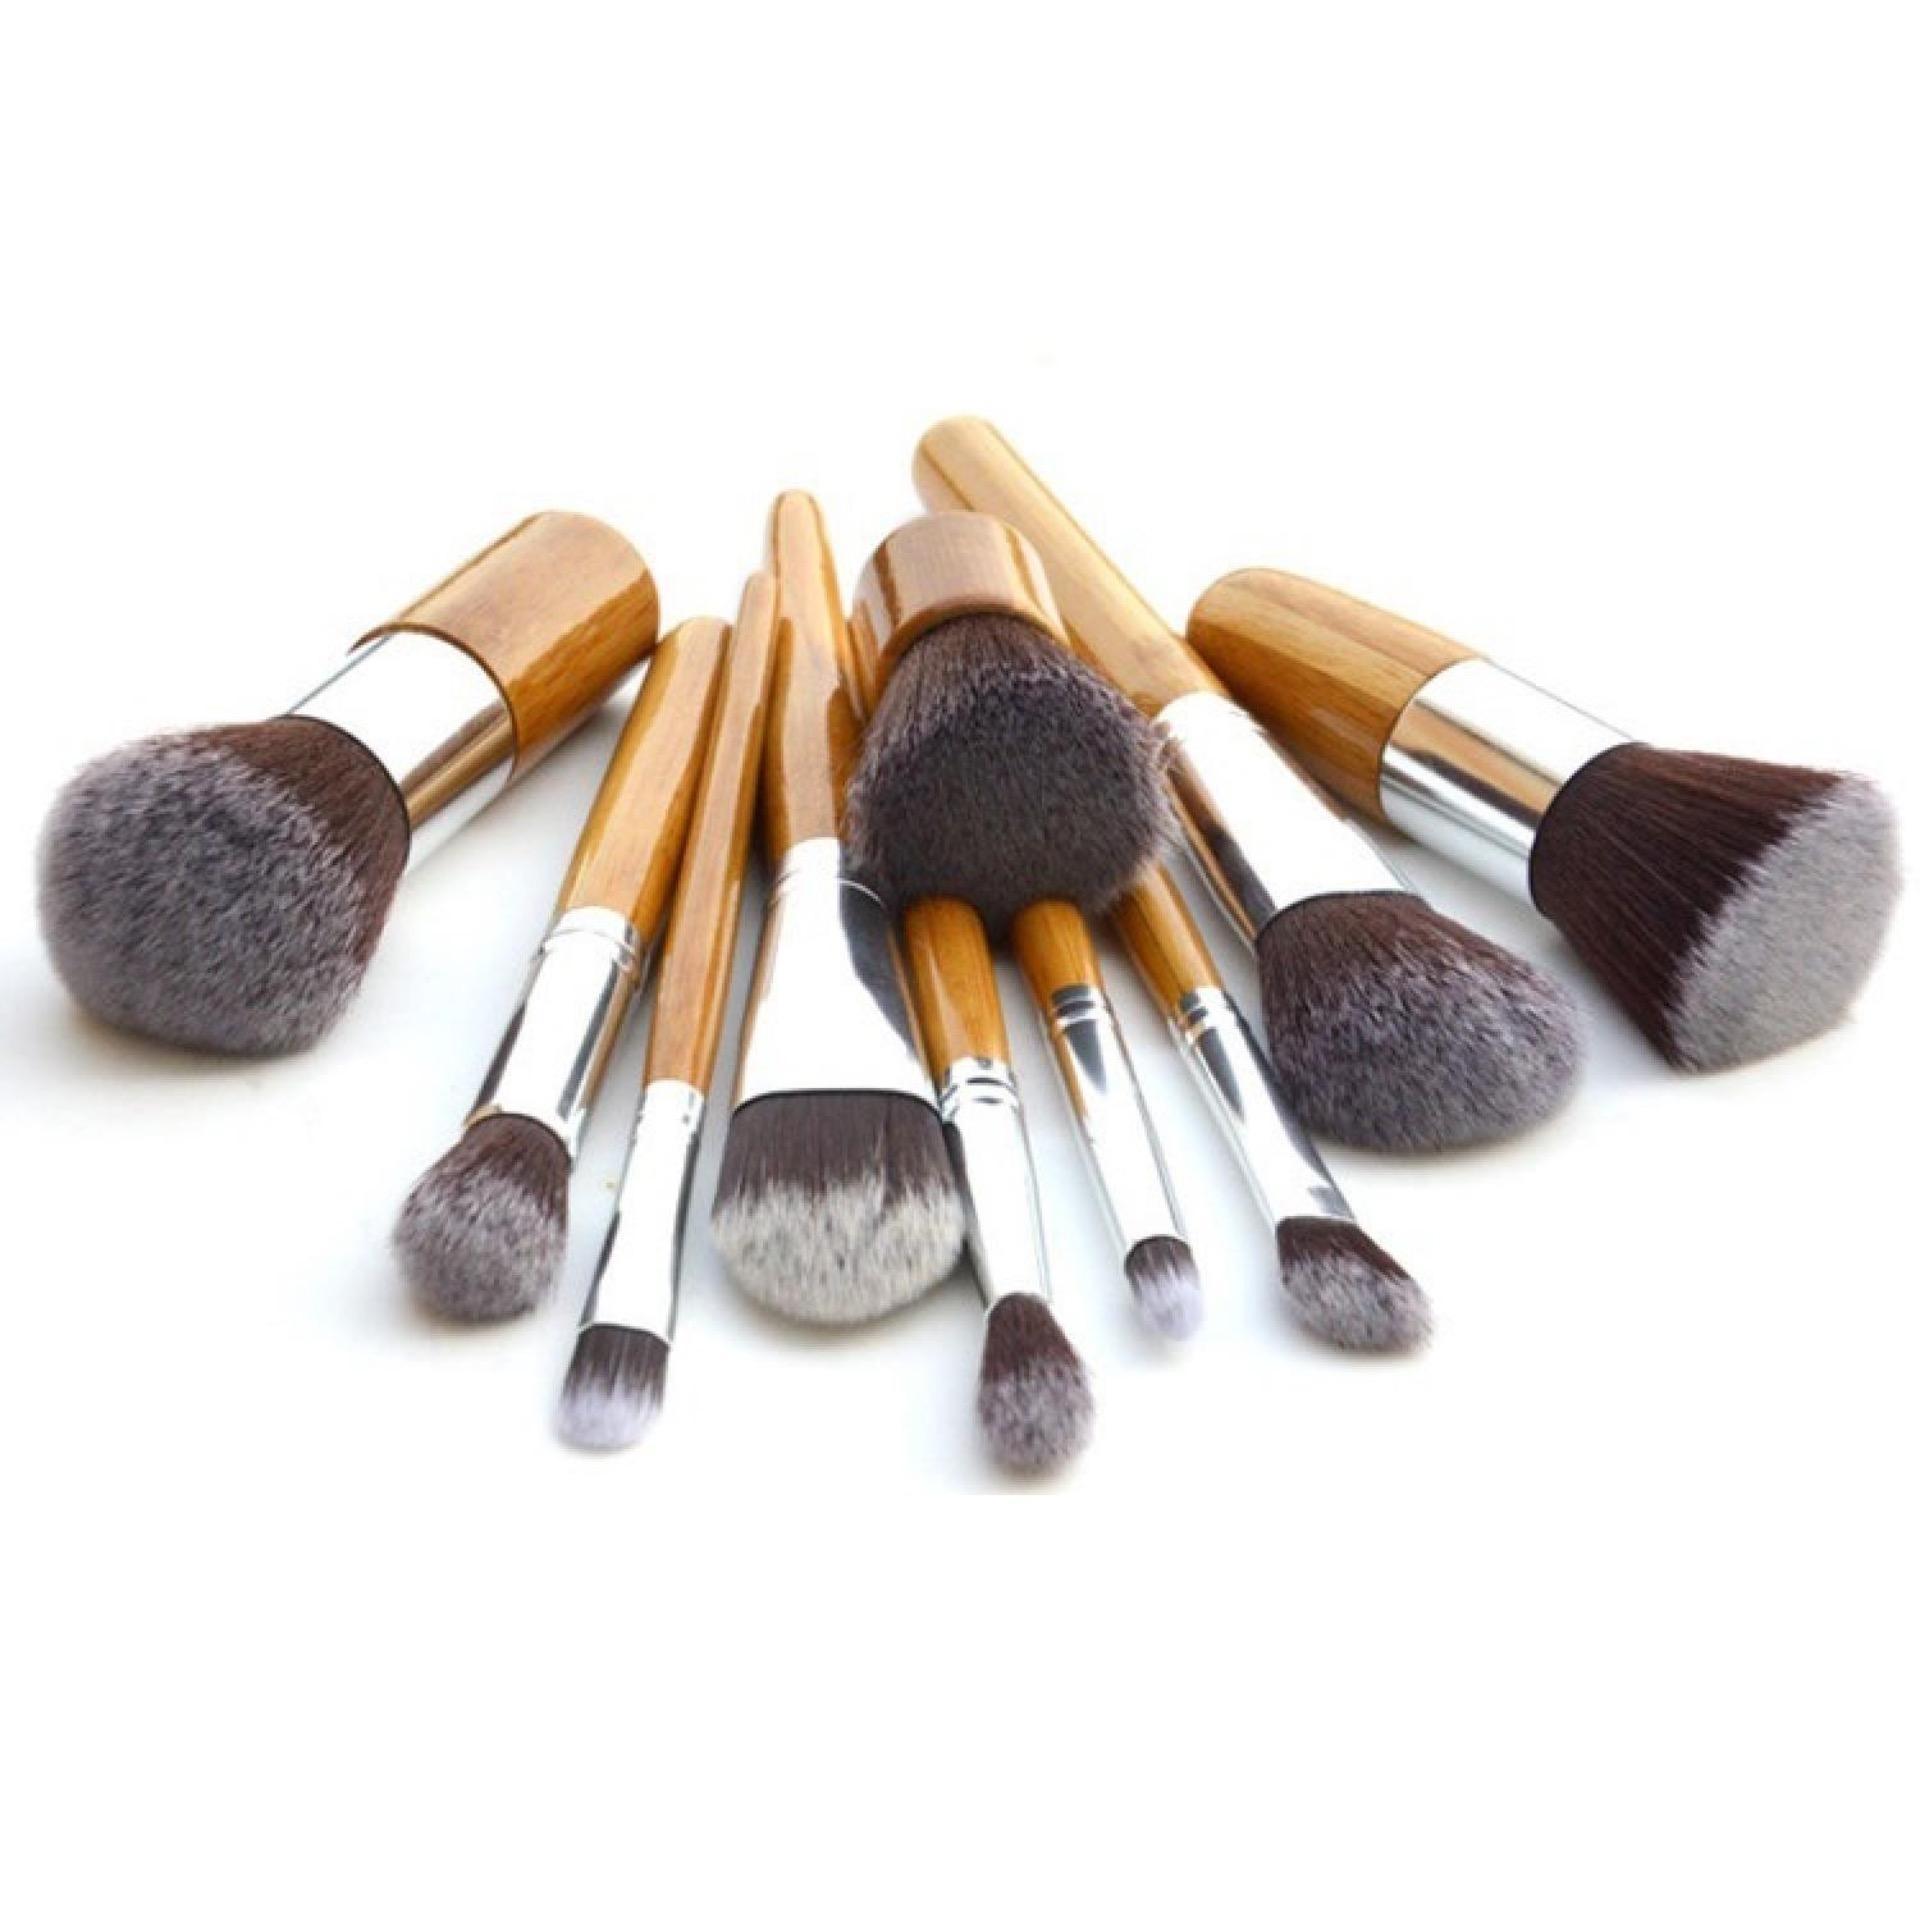 Terbaik Murah Mellius Cosmetic Make Up Brush 11 Set With Pouch Kuas